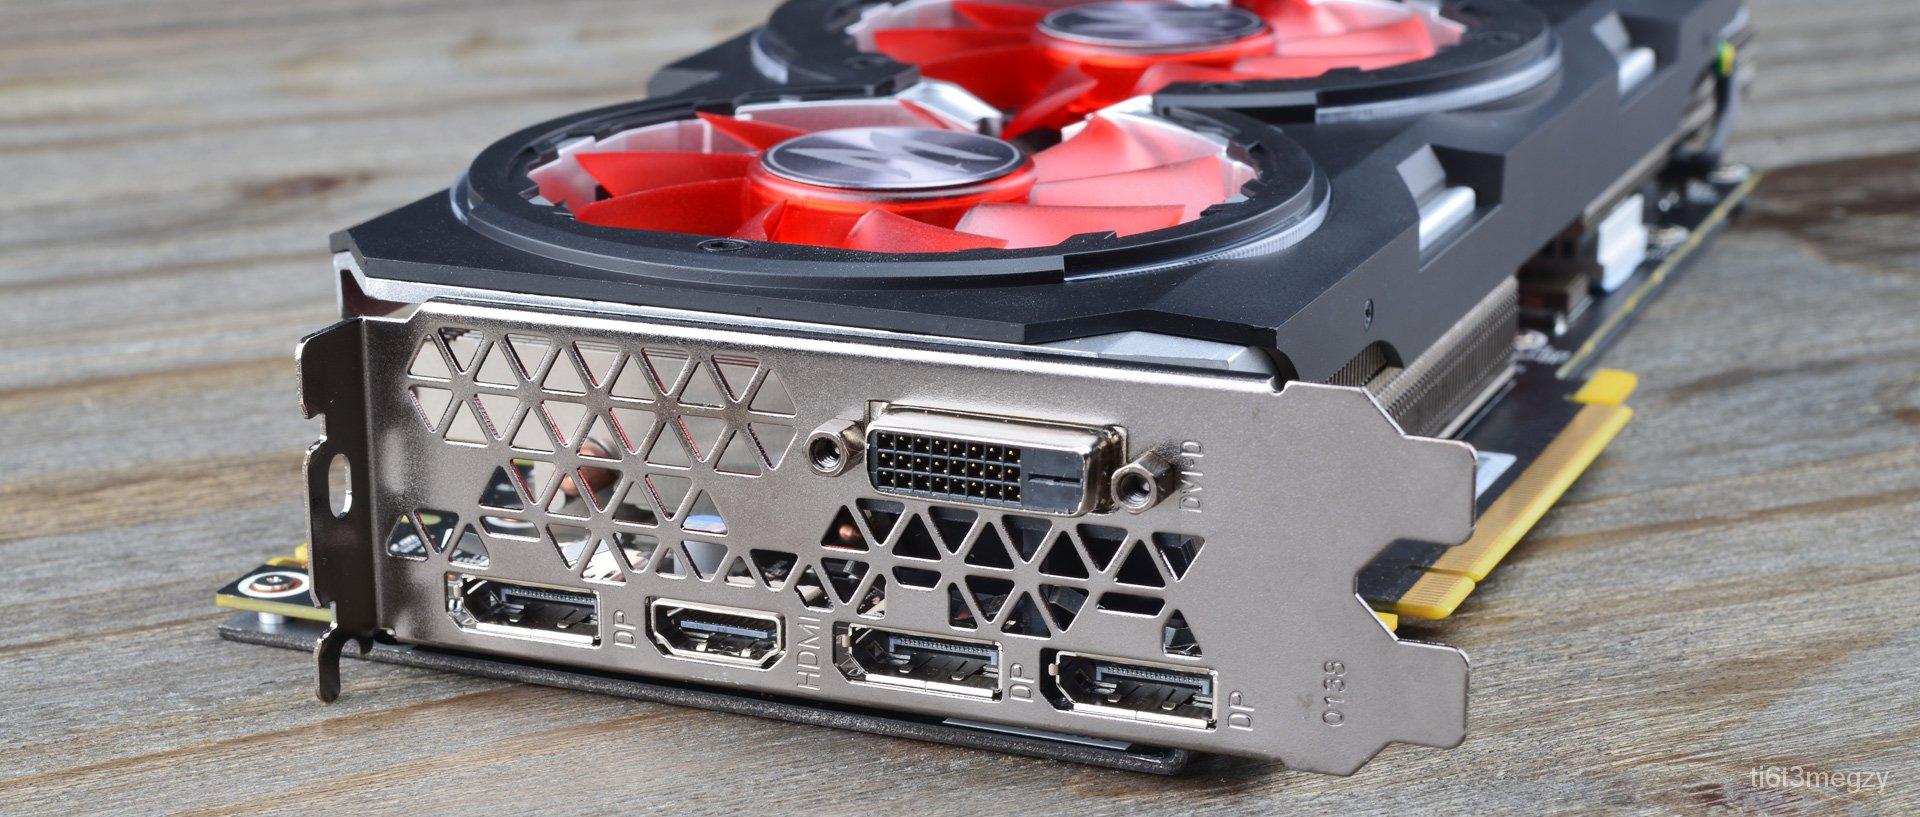 สีสันสดใสGTX1080TI 11G/ GTX1070TI 8G GTX1080 8Gเกมถ่ายทอดสดการ์ดจอ